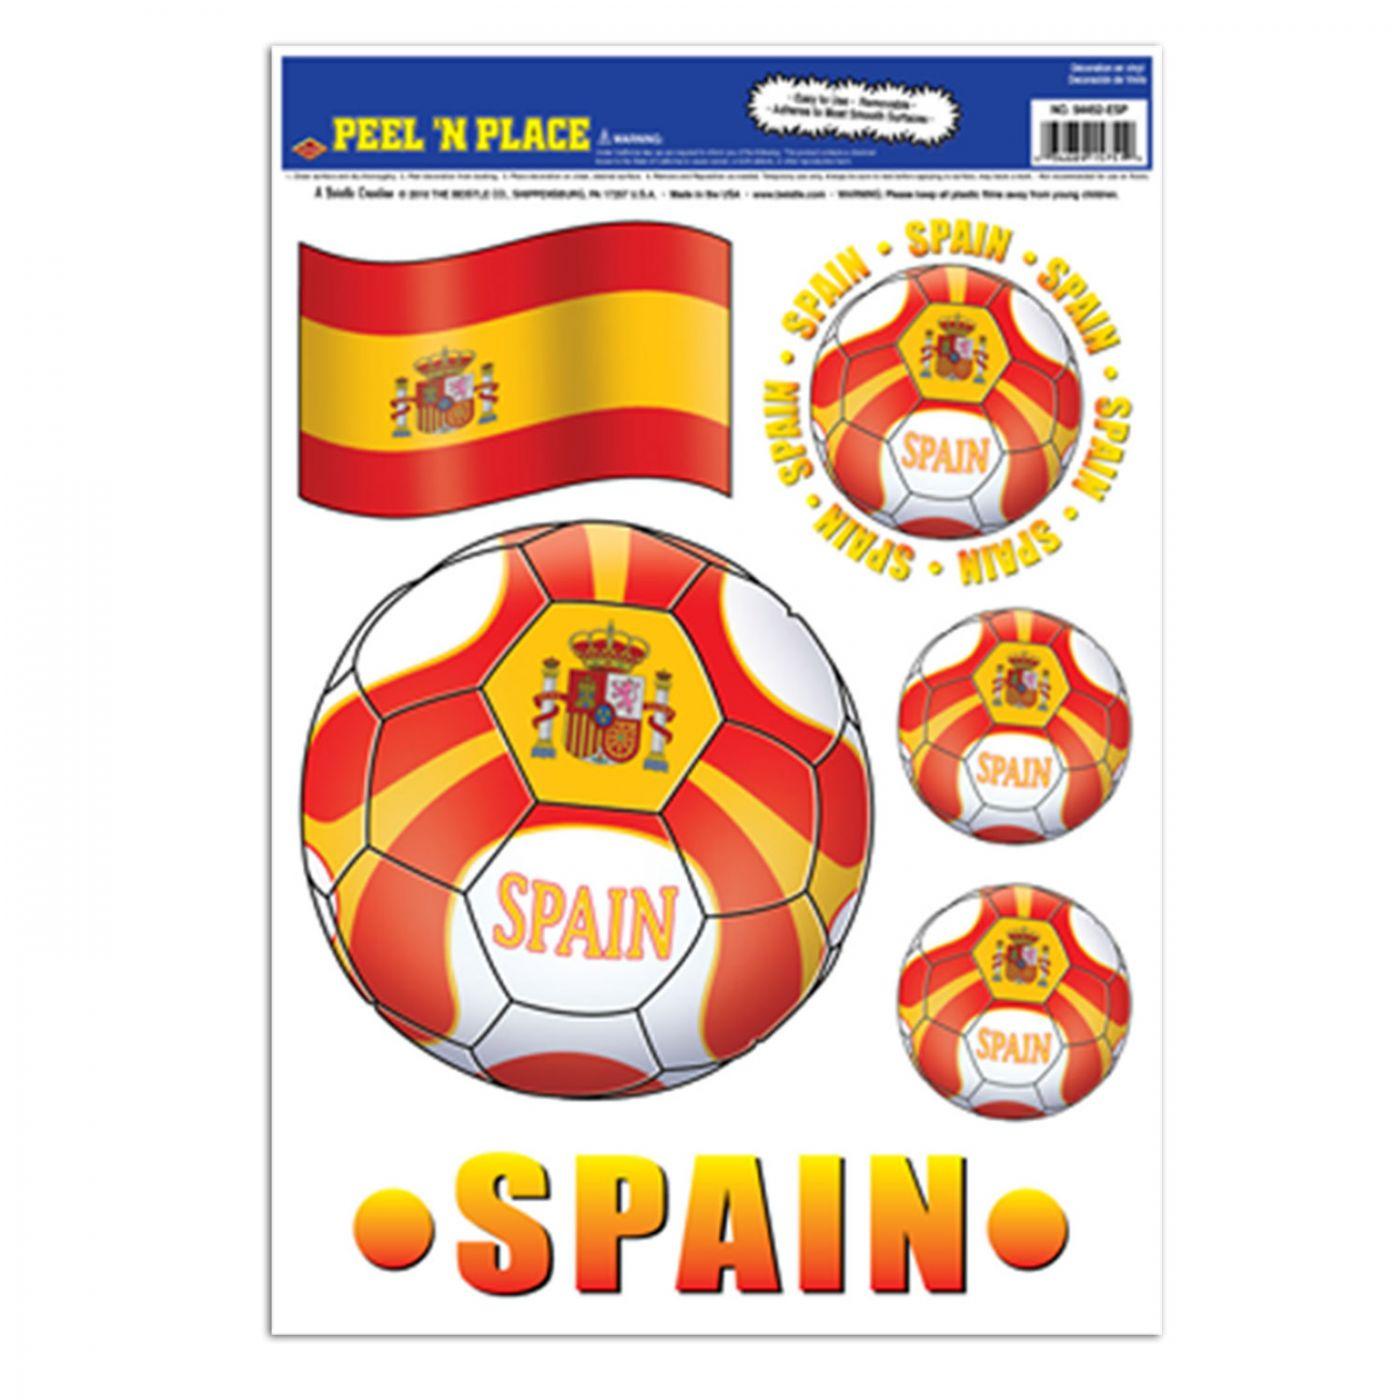 Peel 'N Place - Spain image